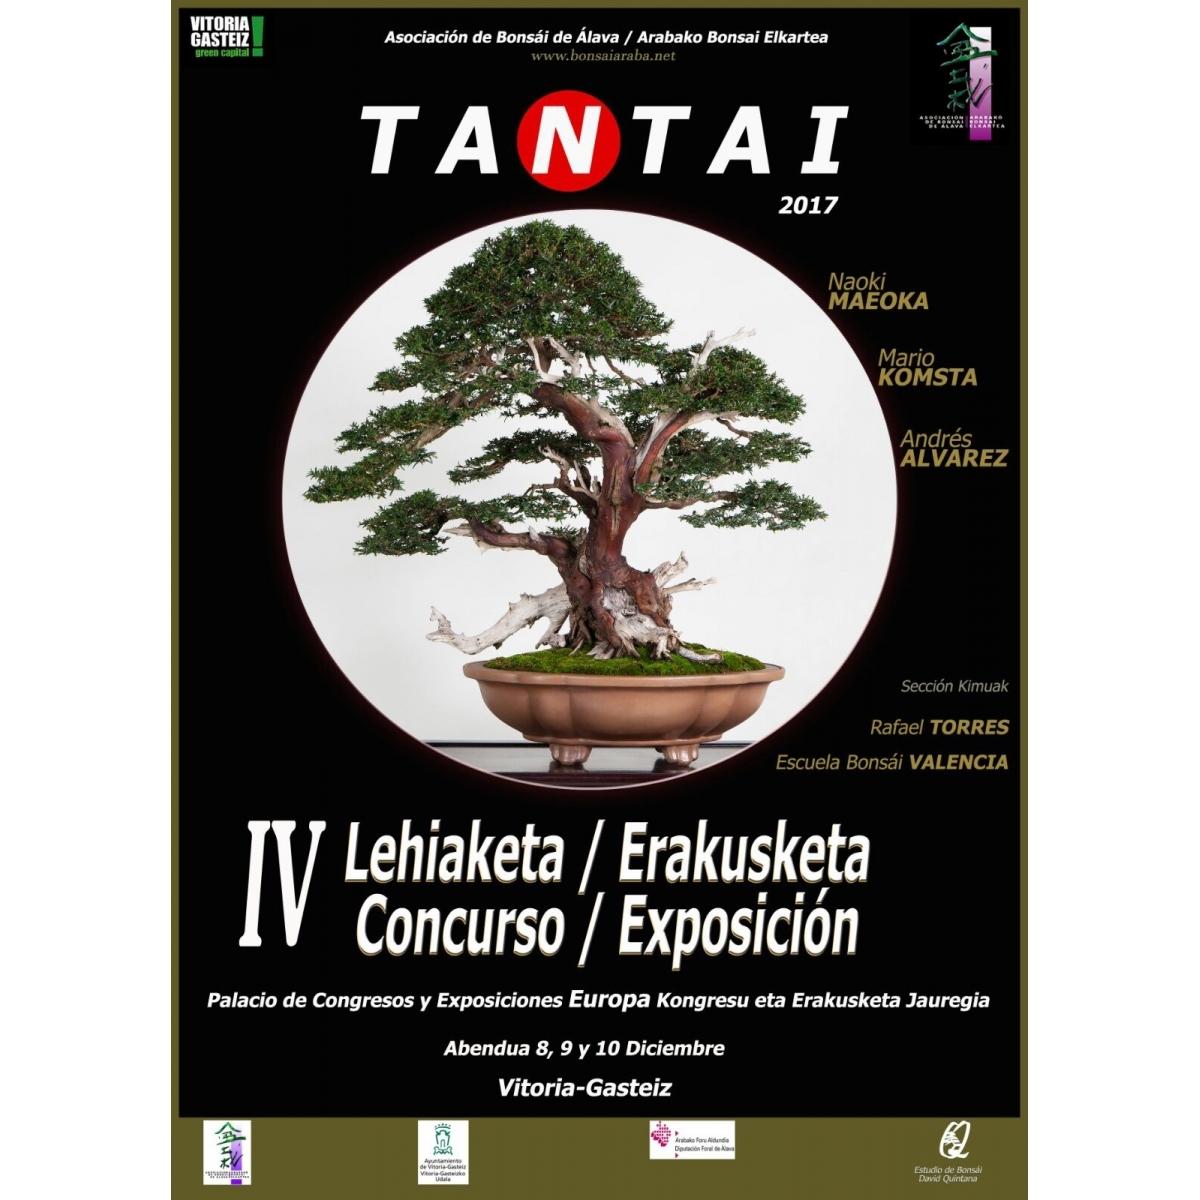 Tantai 2017 - 8, 9 y 10 De Diciembre